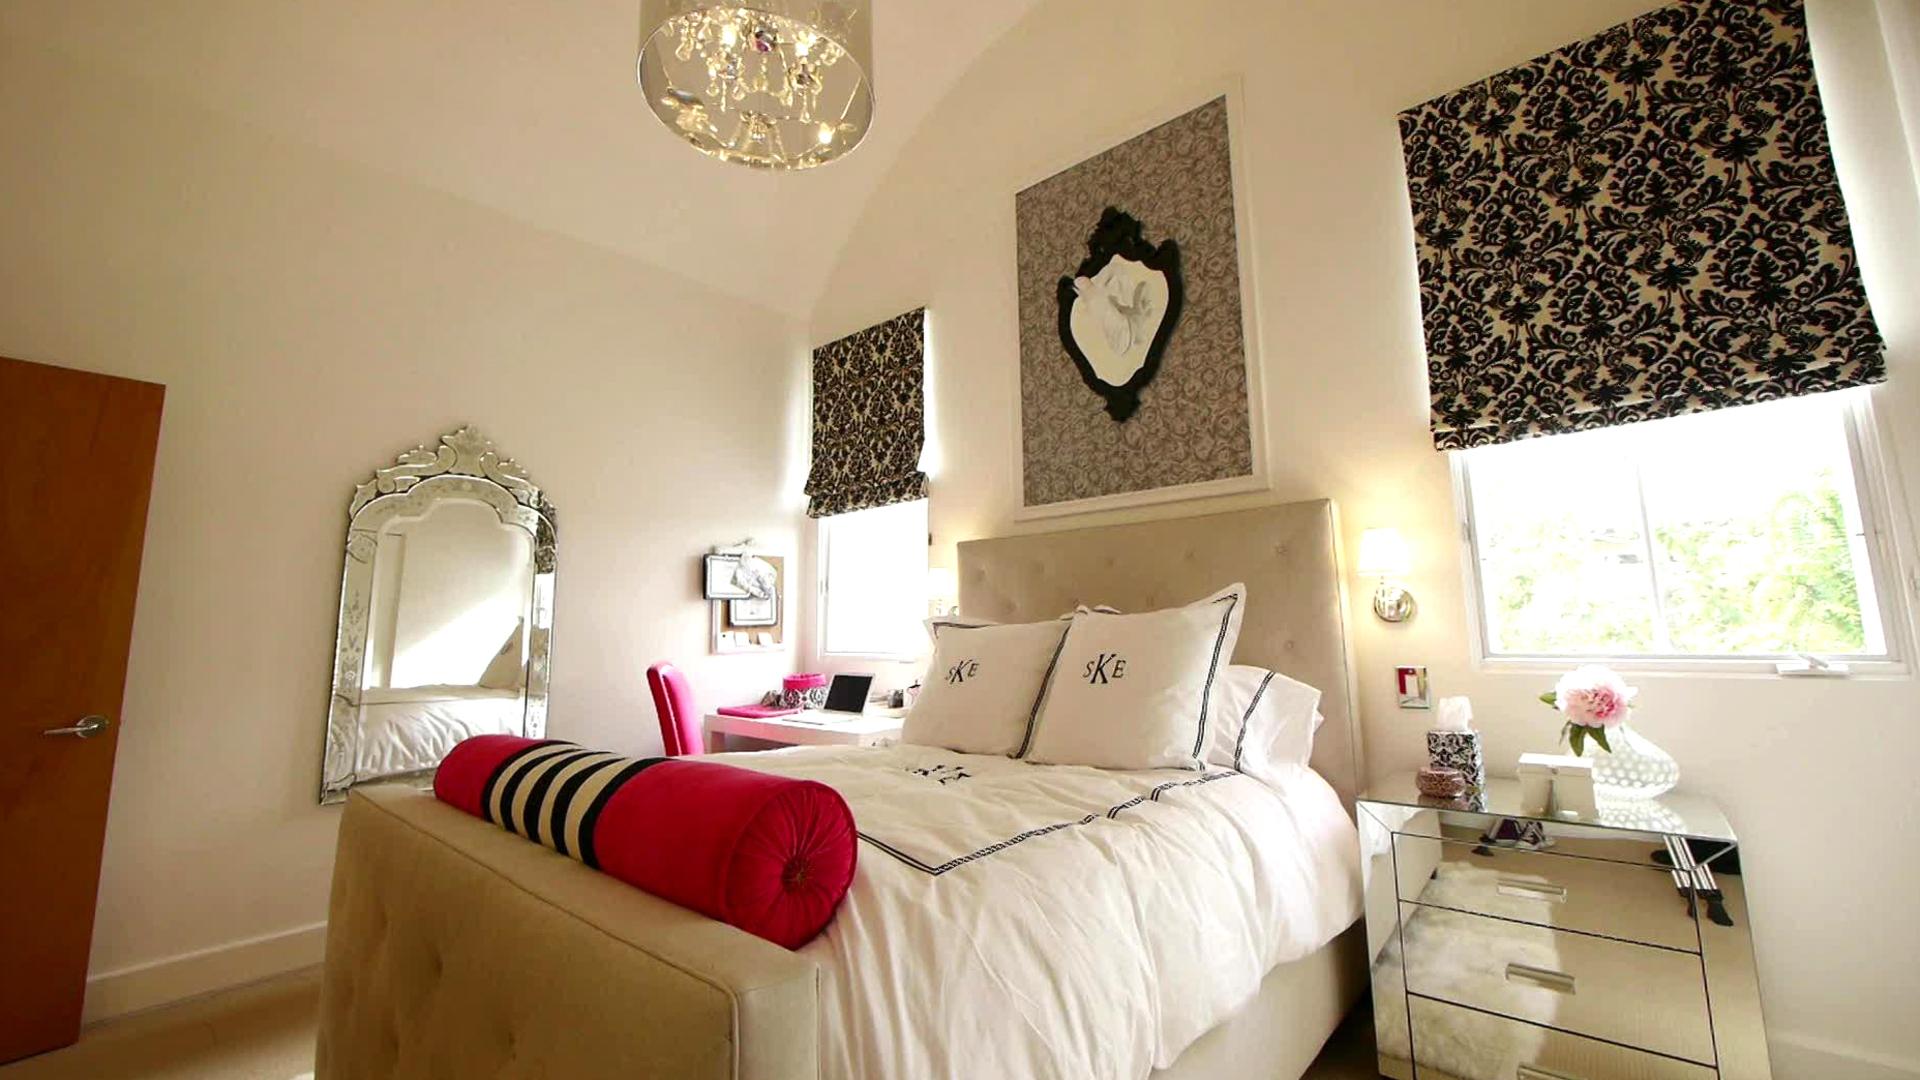 teen girls bedroom ideas teen bedrooms - ideas for decorating teen rooms | hgtv UIIIHVI